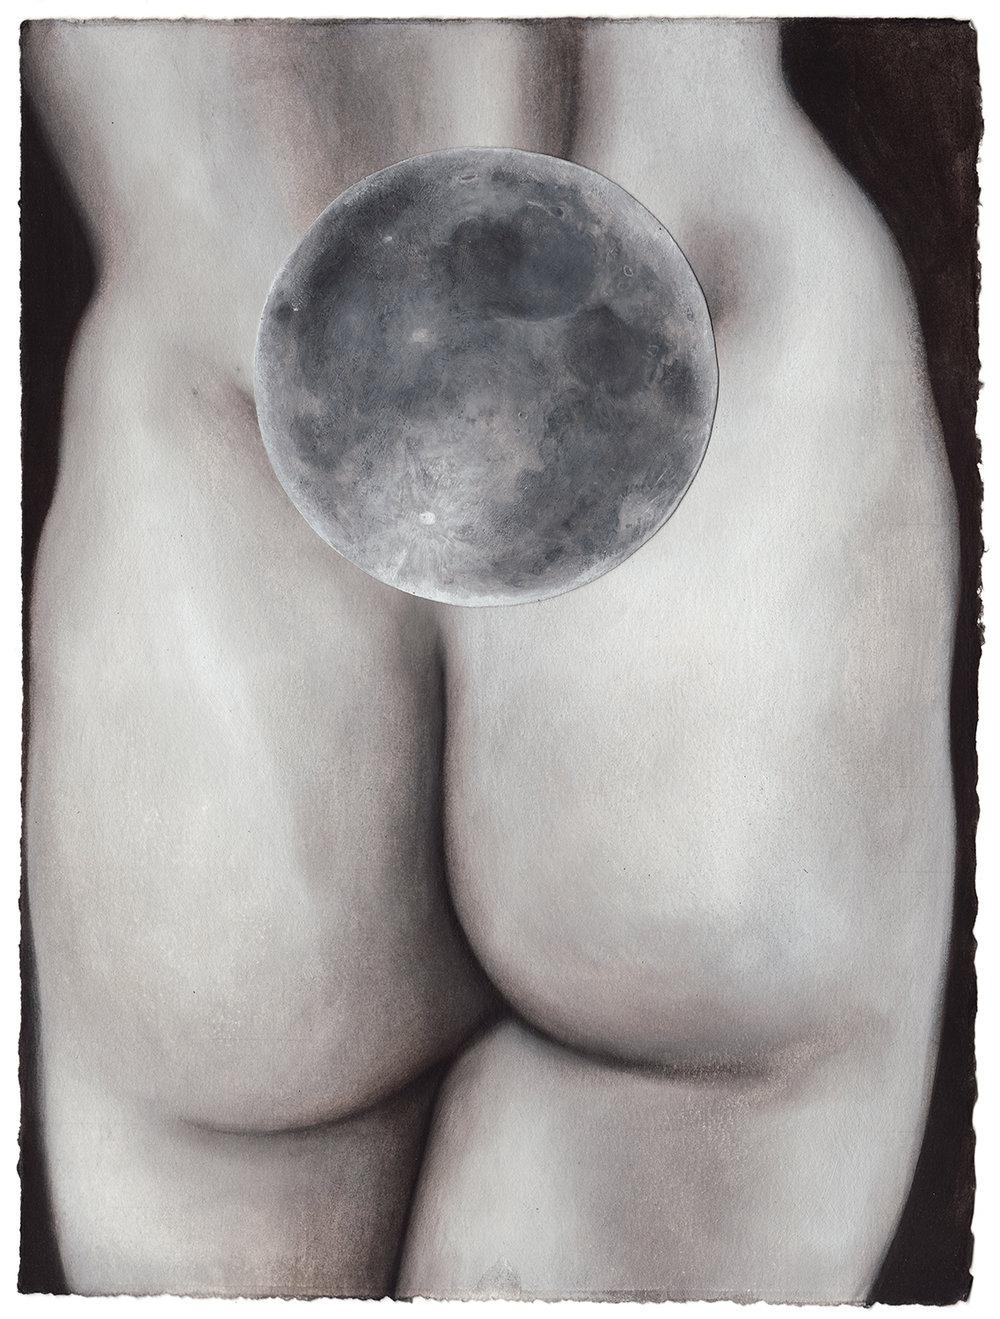 Full Moon Venus